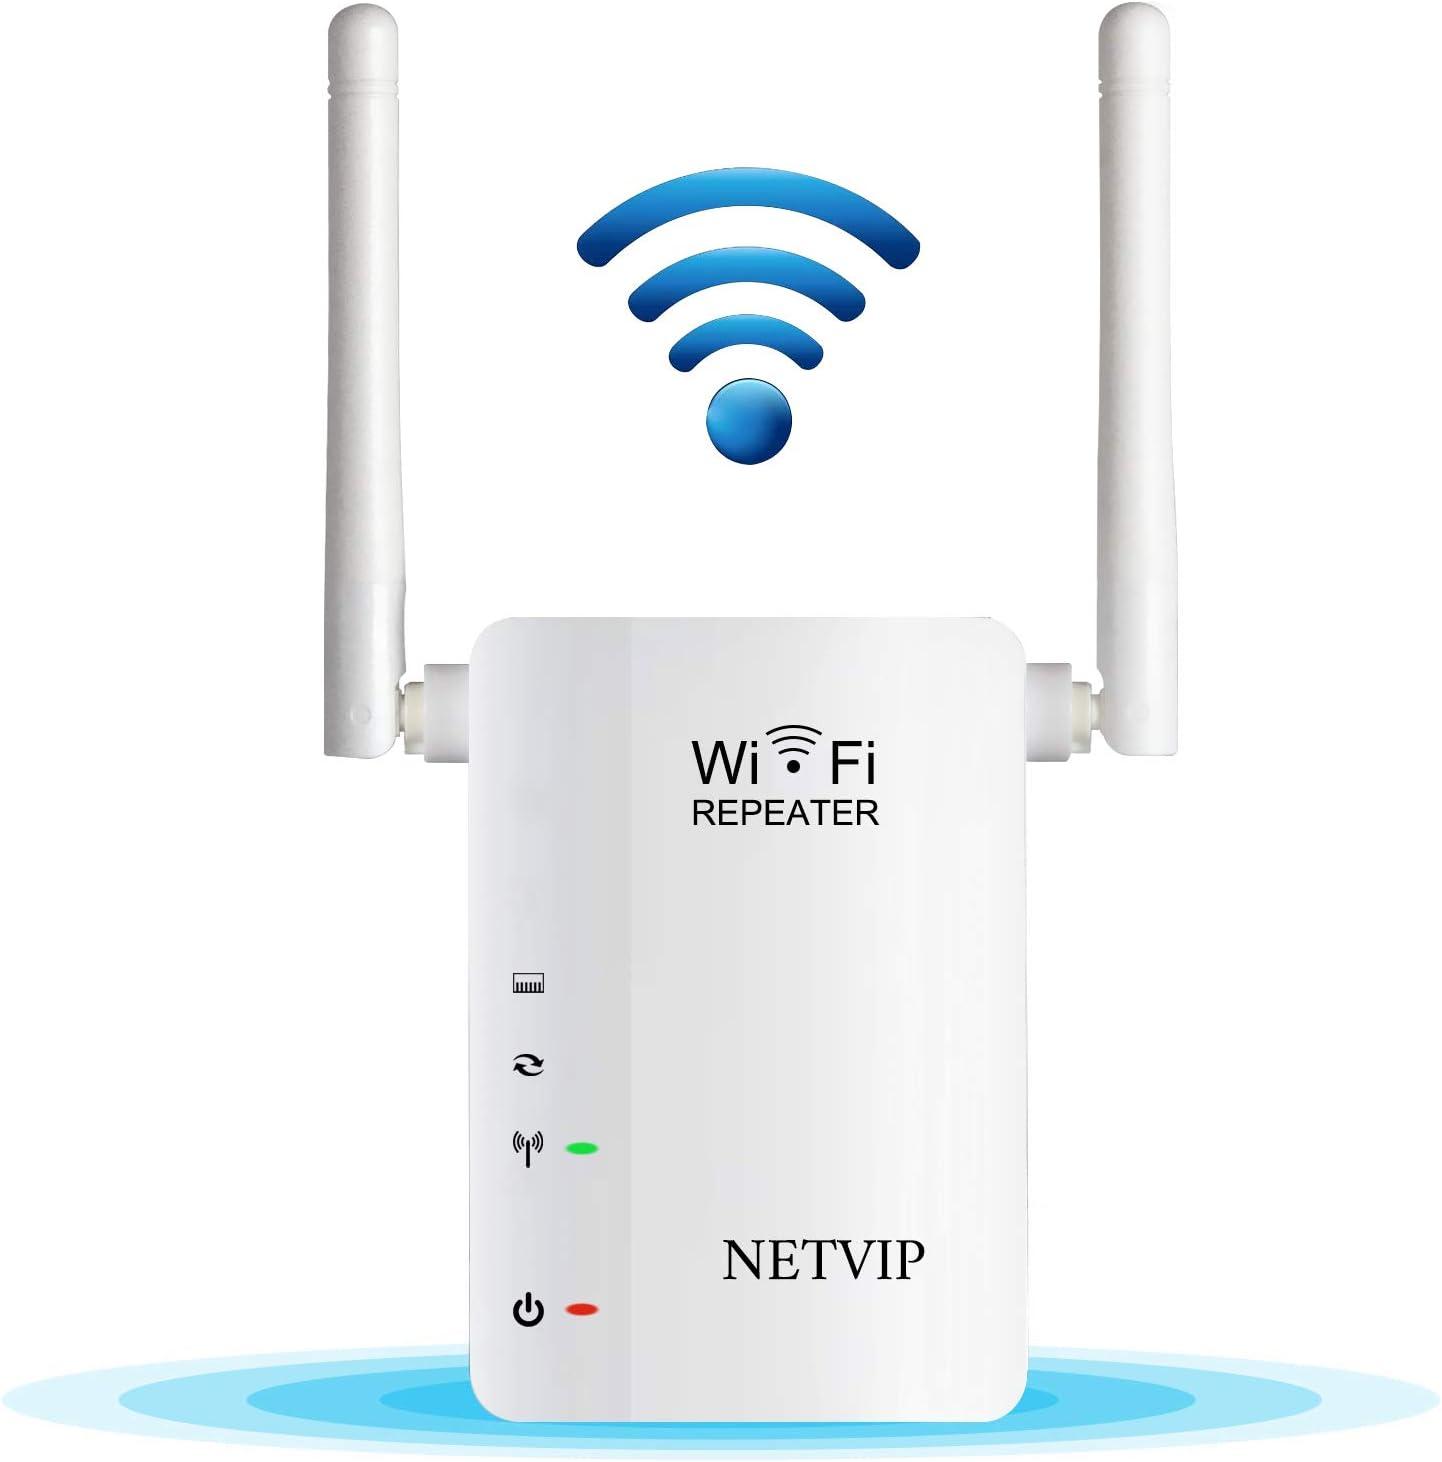 NETVIP WiFi Repetidor de Red WiFi Amplificador 300Mbps Booster Mini Extensor de Rango Inalámbrico Modo Punto de Acceso/Repetidor(Dos Antenas, Fácil de Usar) Compatible con Enrutador Inalámbrico